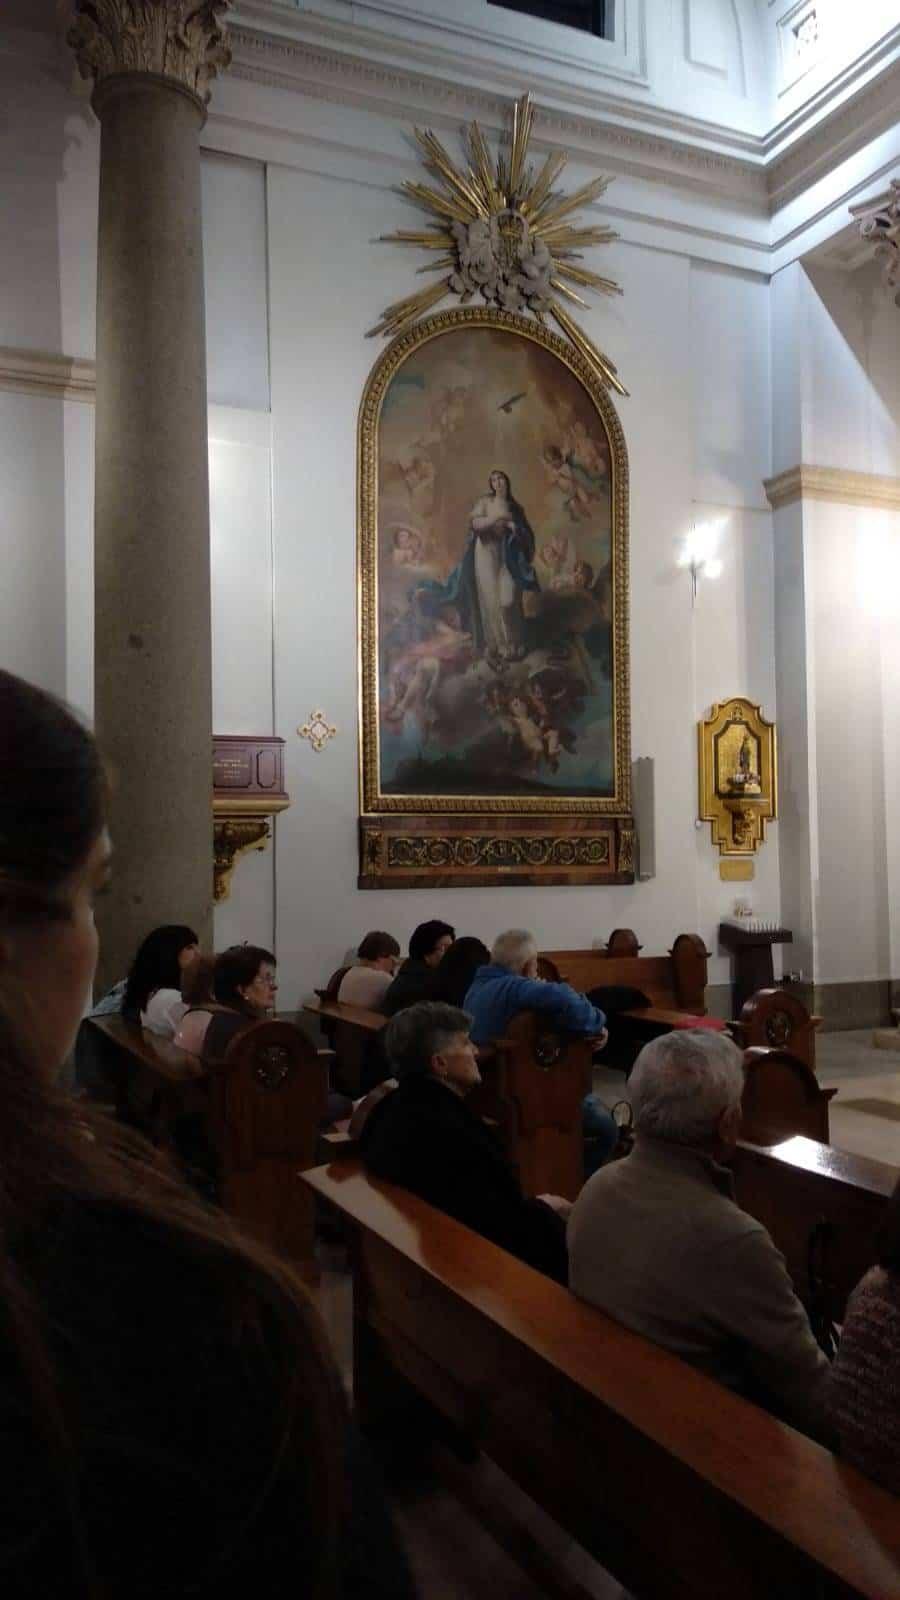 La parroquia de Herencia visita el Oratorio del Caballero de Gracia y 33 El Musical 3